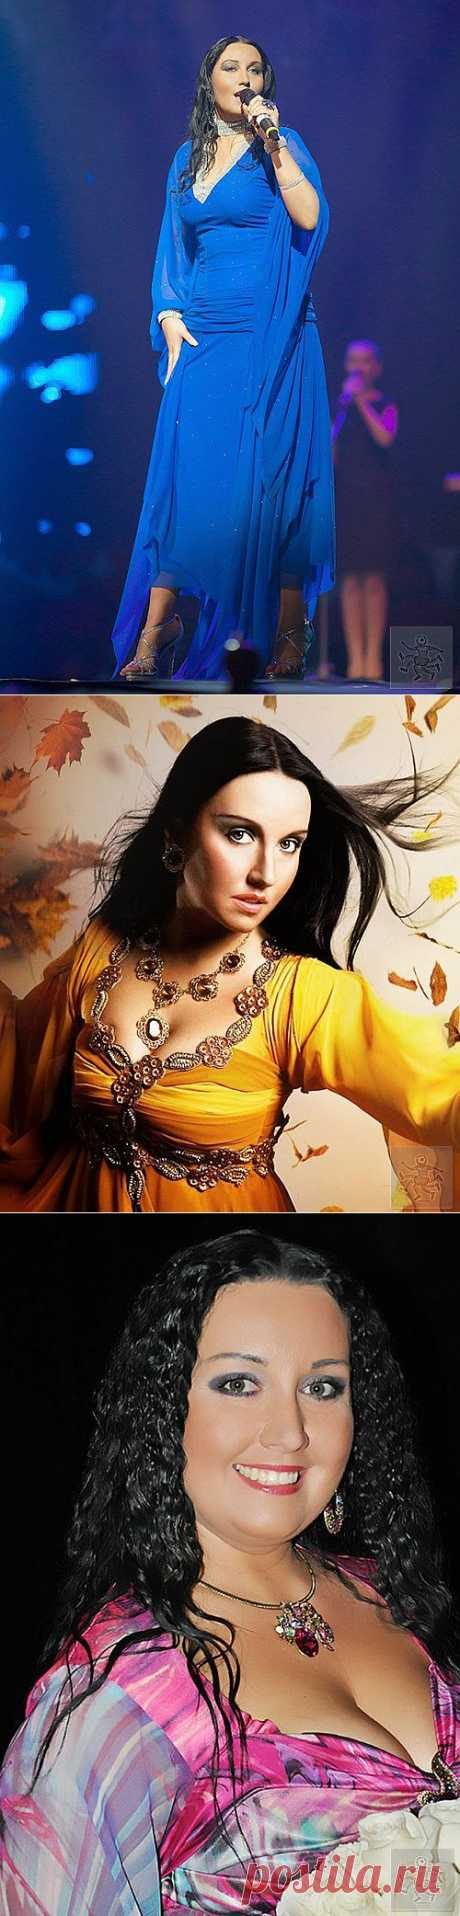 Лариса Гордъера | Music Savoya - Music Savoya | Артисты/Музыканты